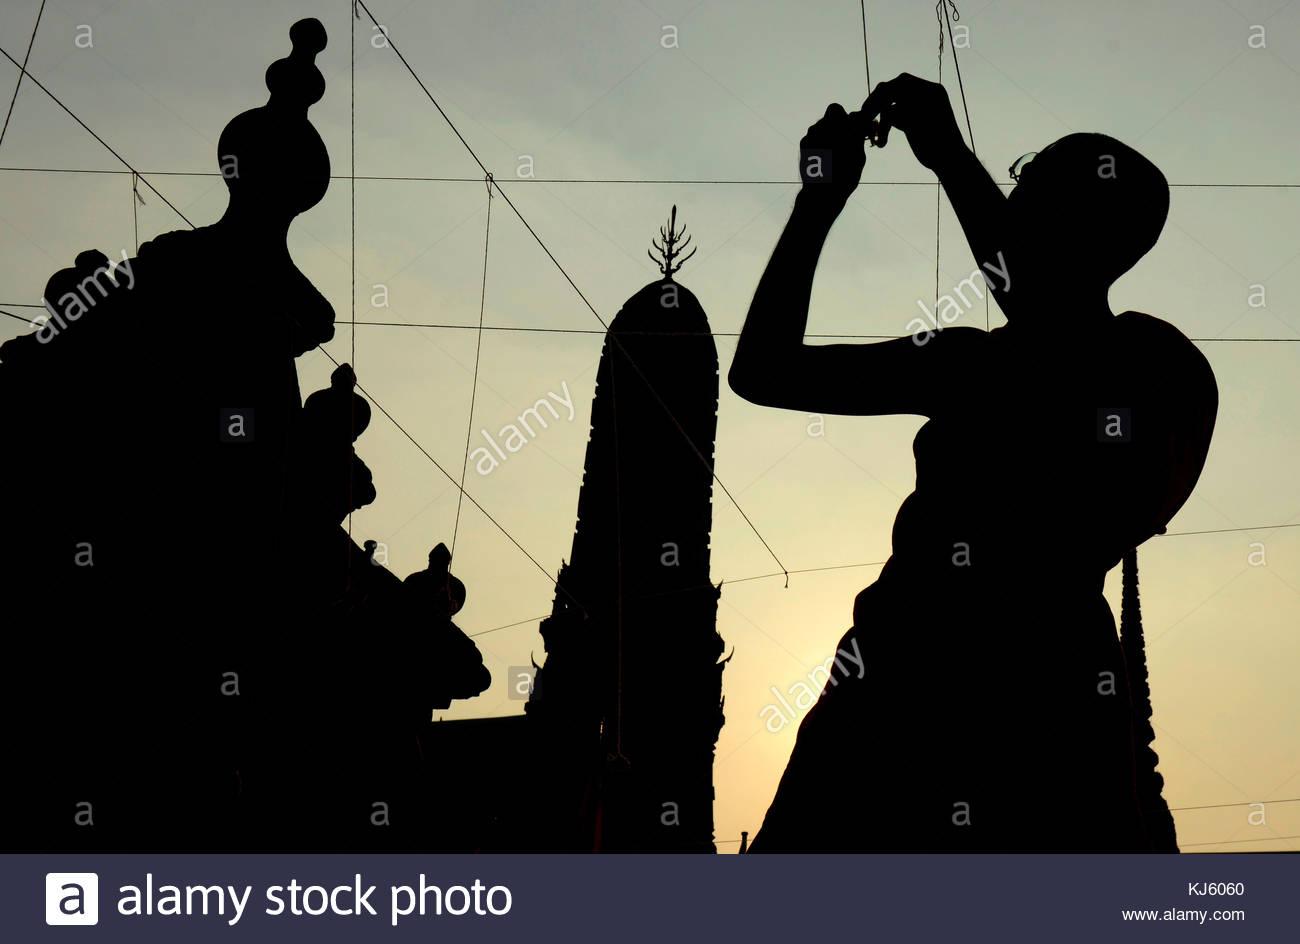 Silueta de un monje en el templo de trabajo Foto de stock